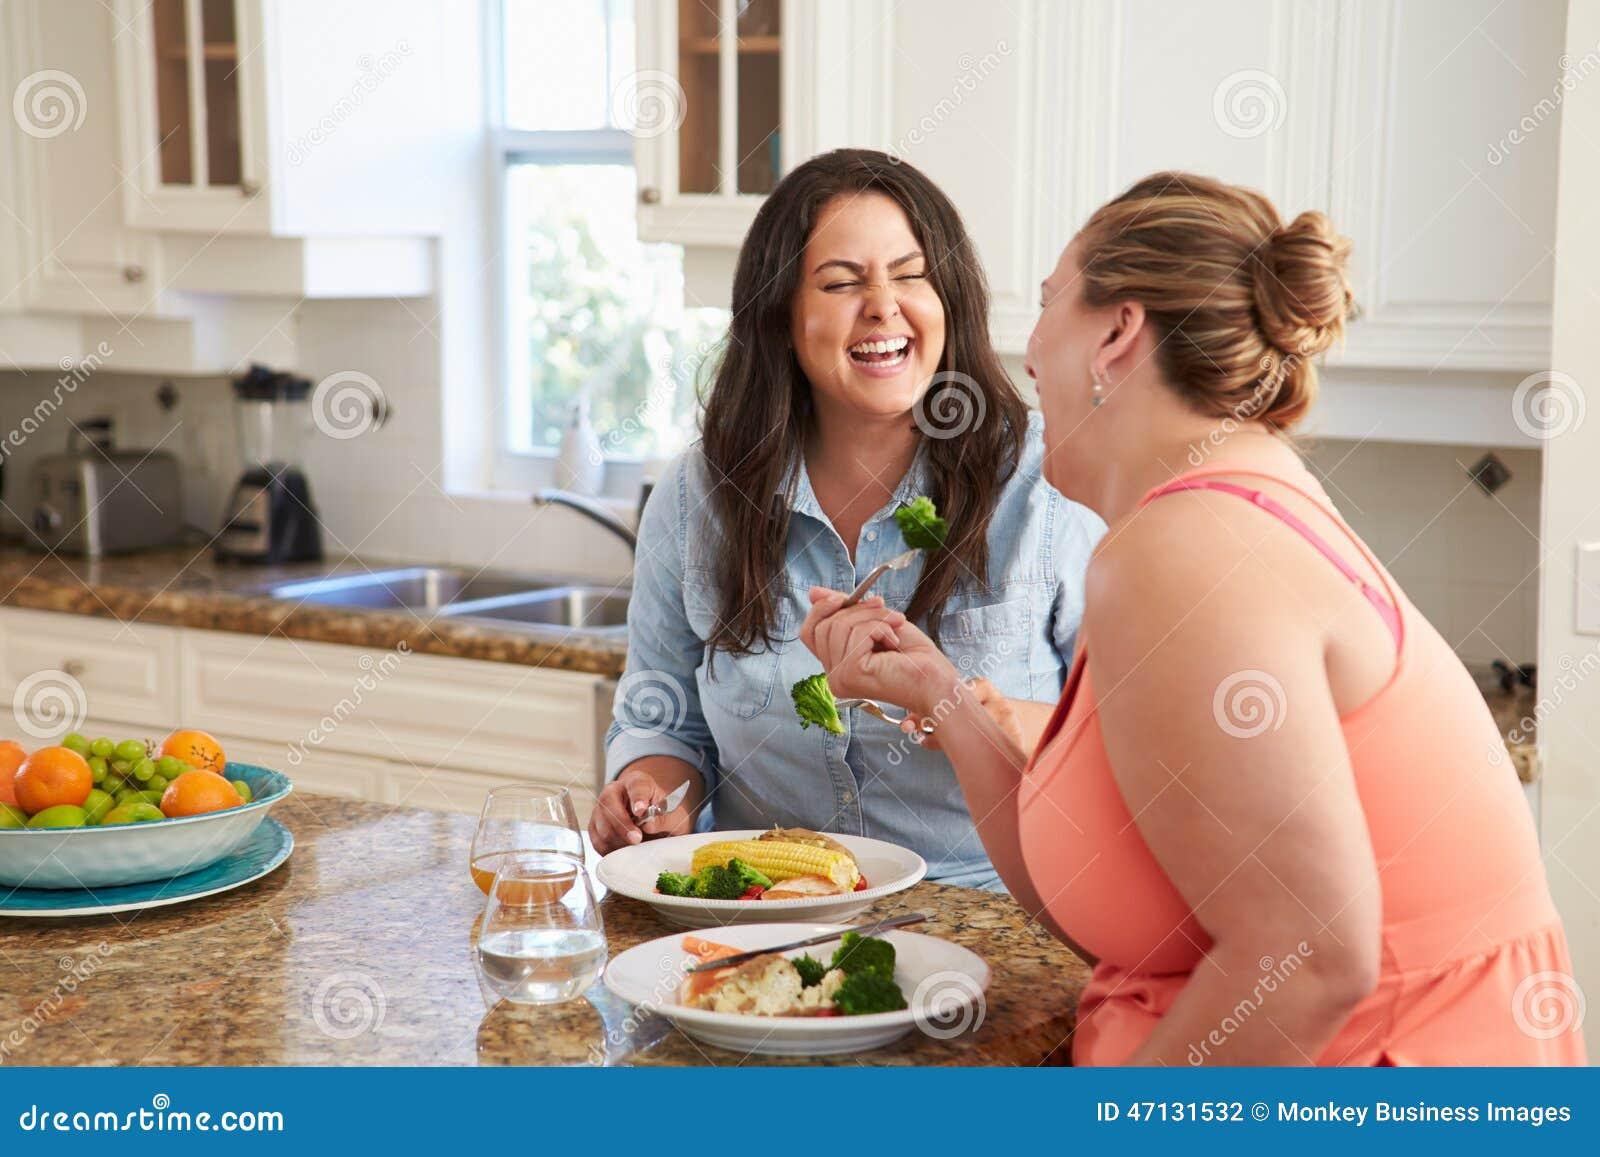 Dos Mujeres Gordas En Dieta Que Comen La Comida Sana En Cocina Foto